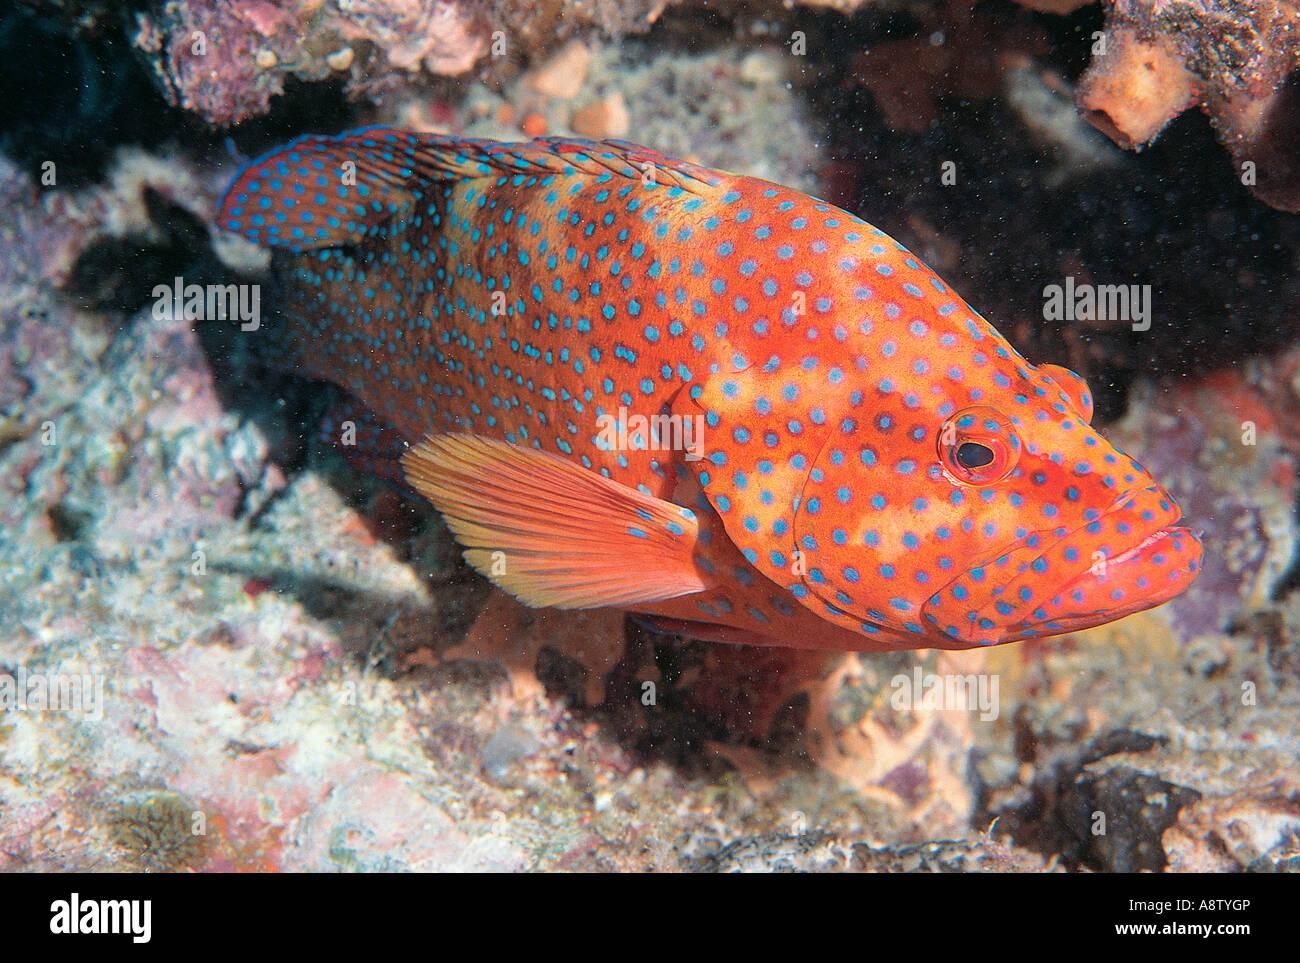 Australia Wildlife Queensland Great Barrier Reef Fish